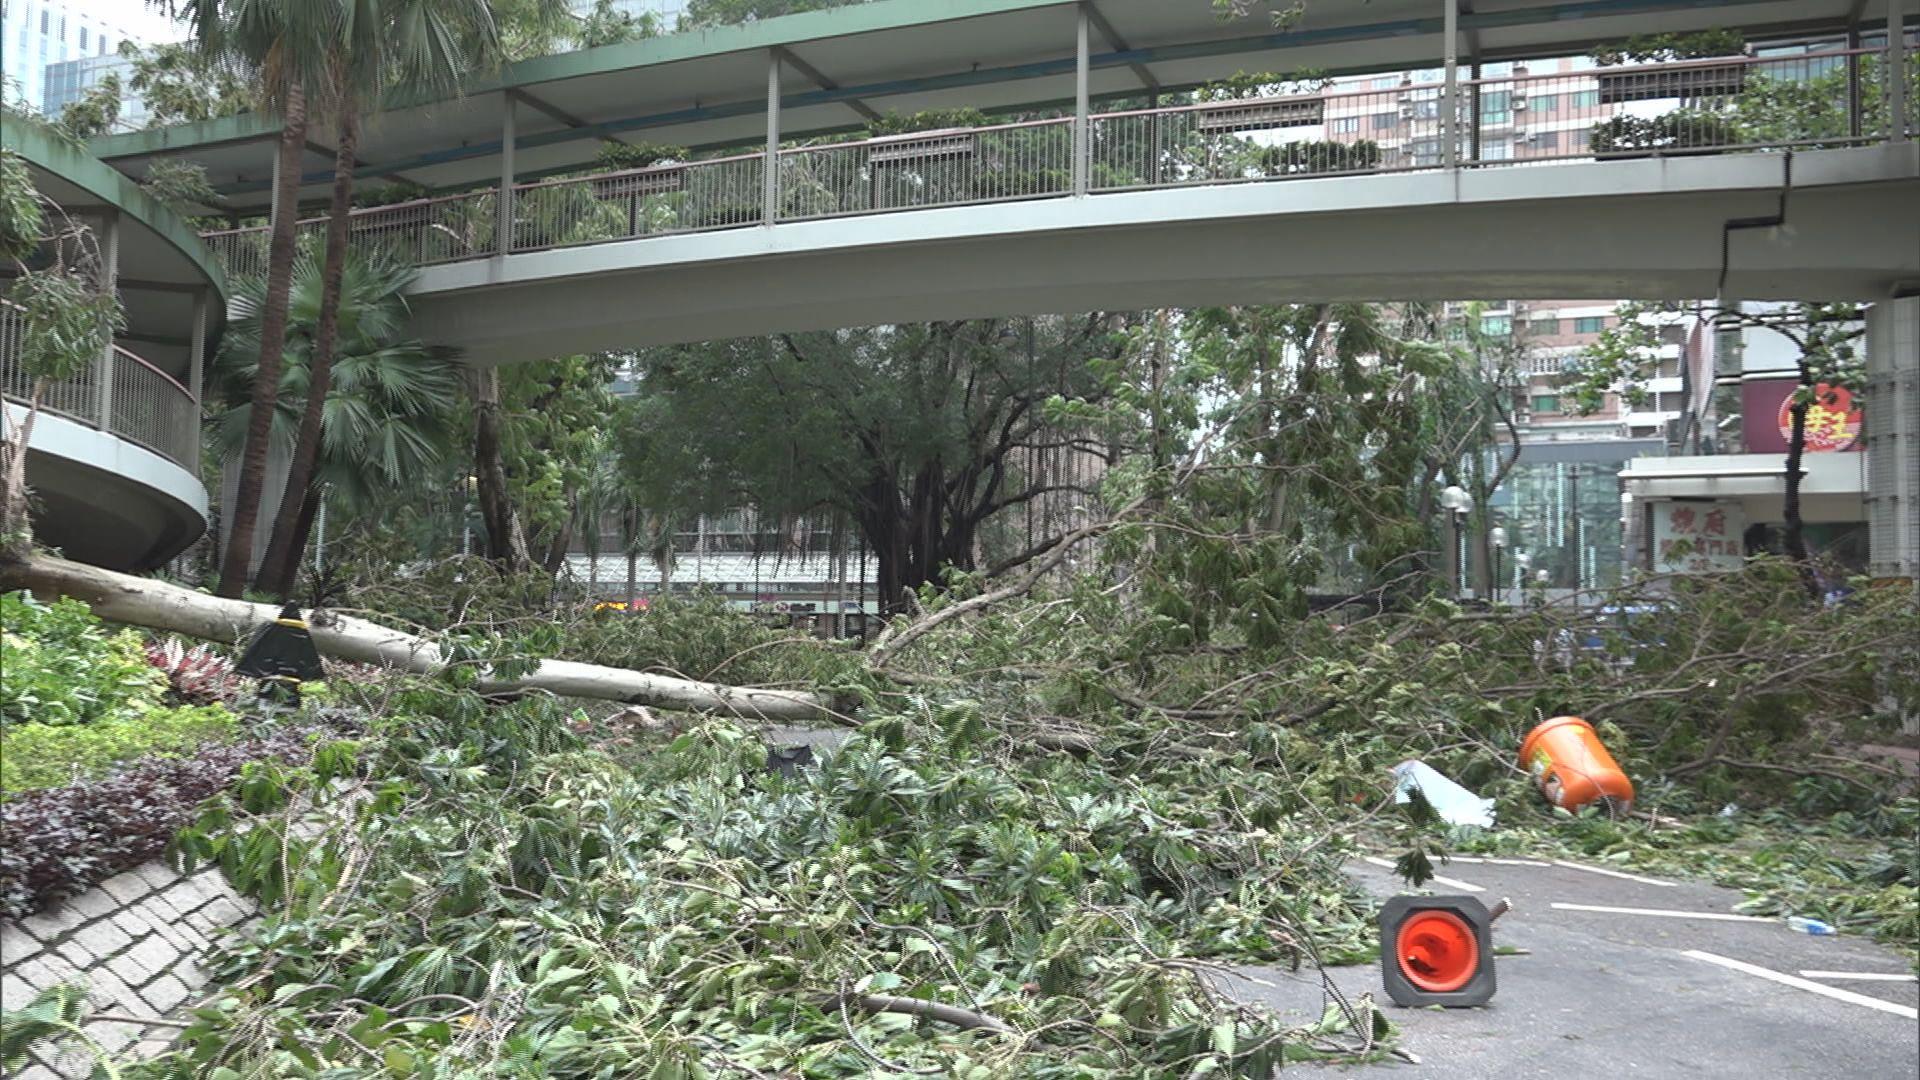 山竹襲港 600多段路有障礙物待清理